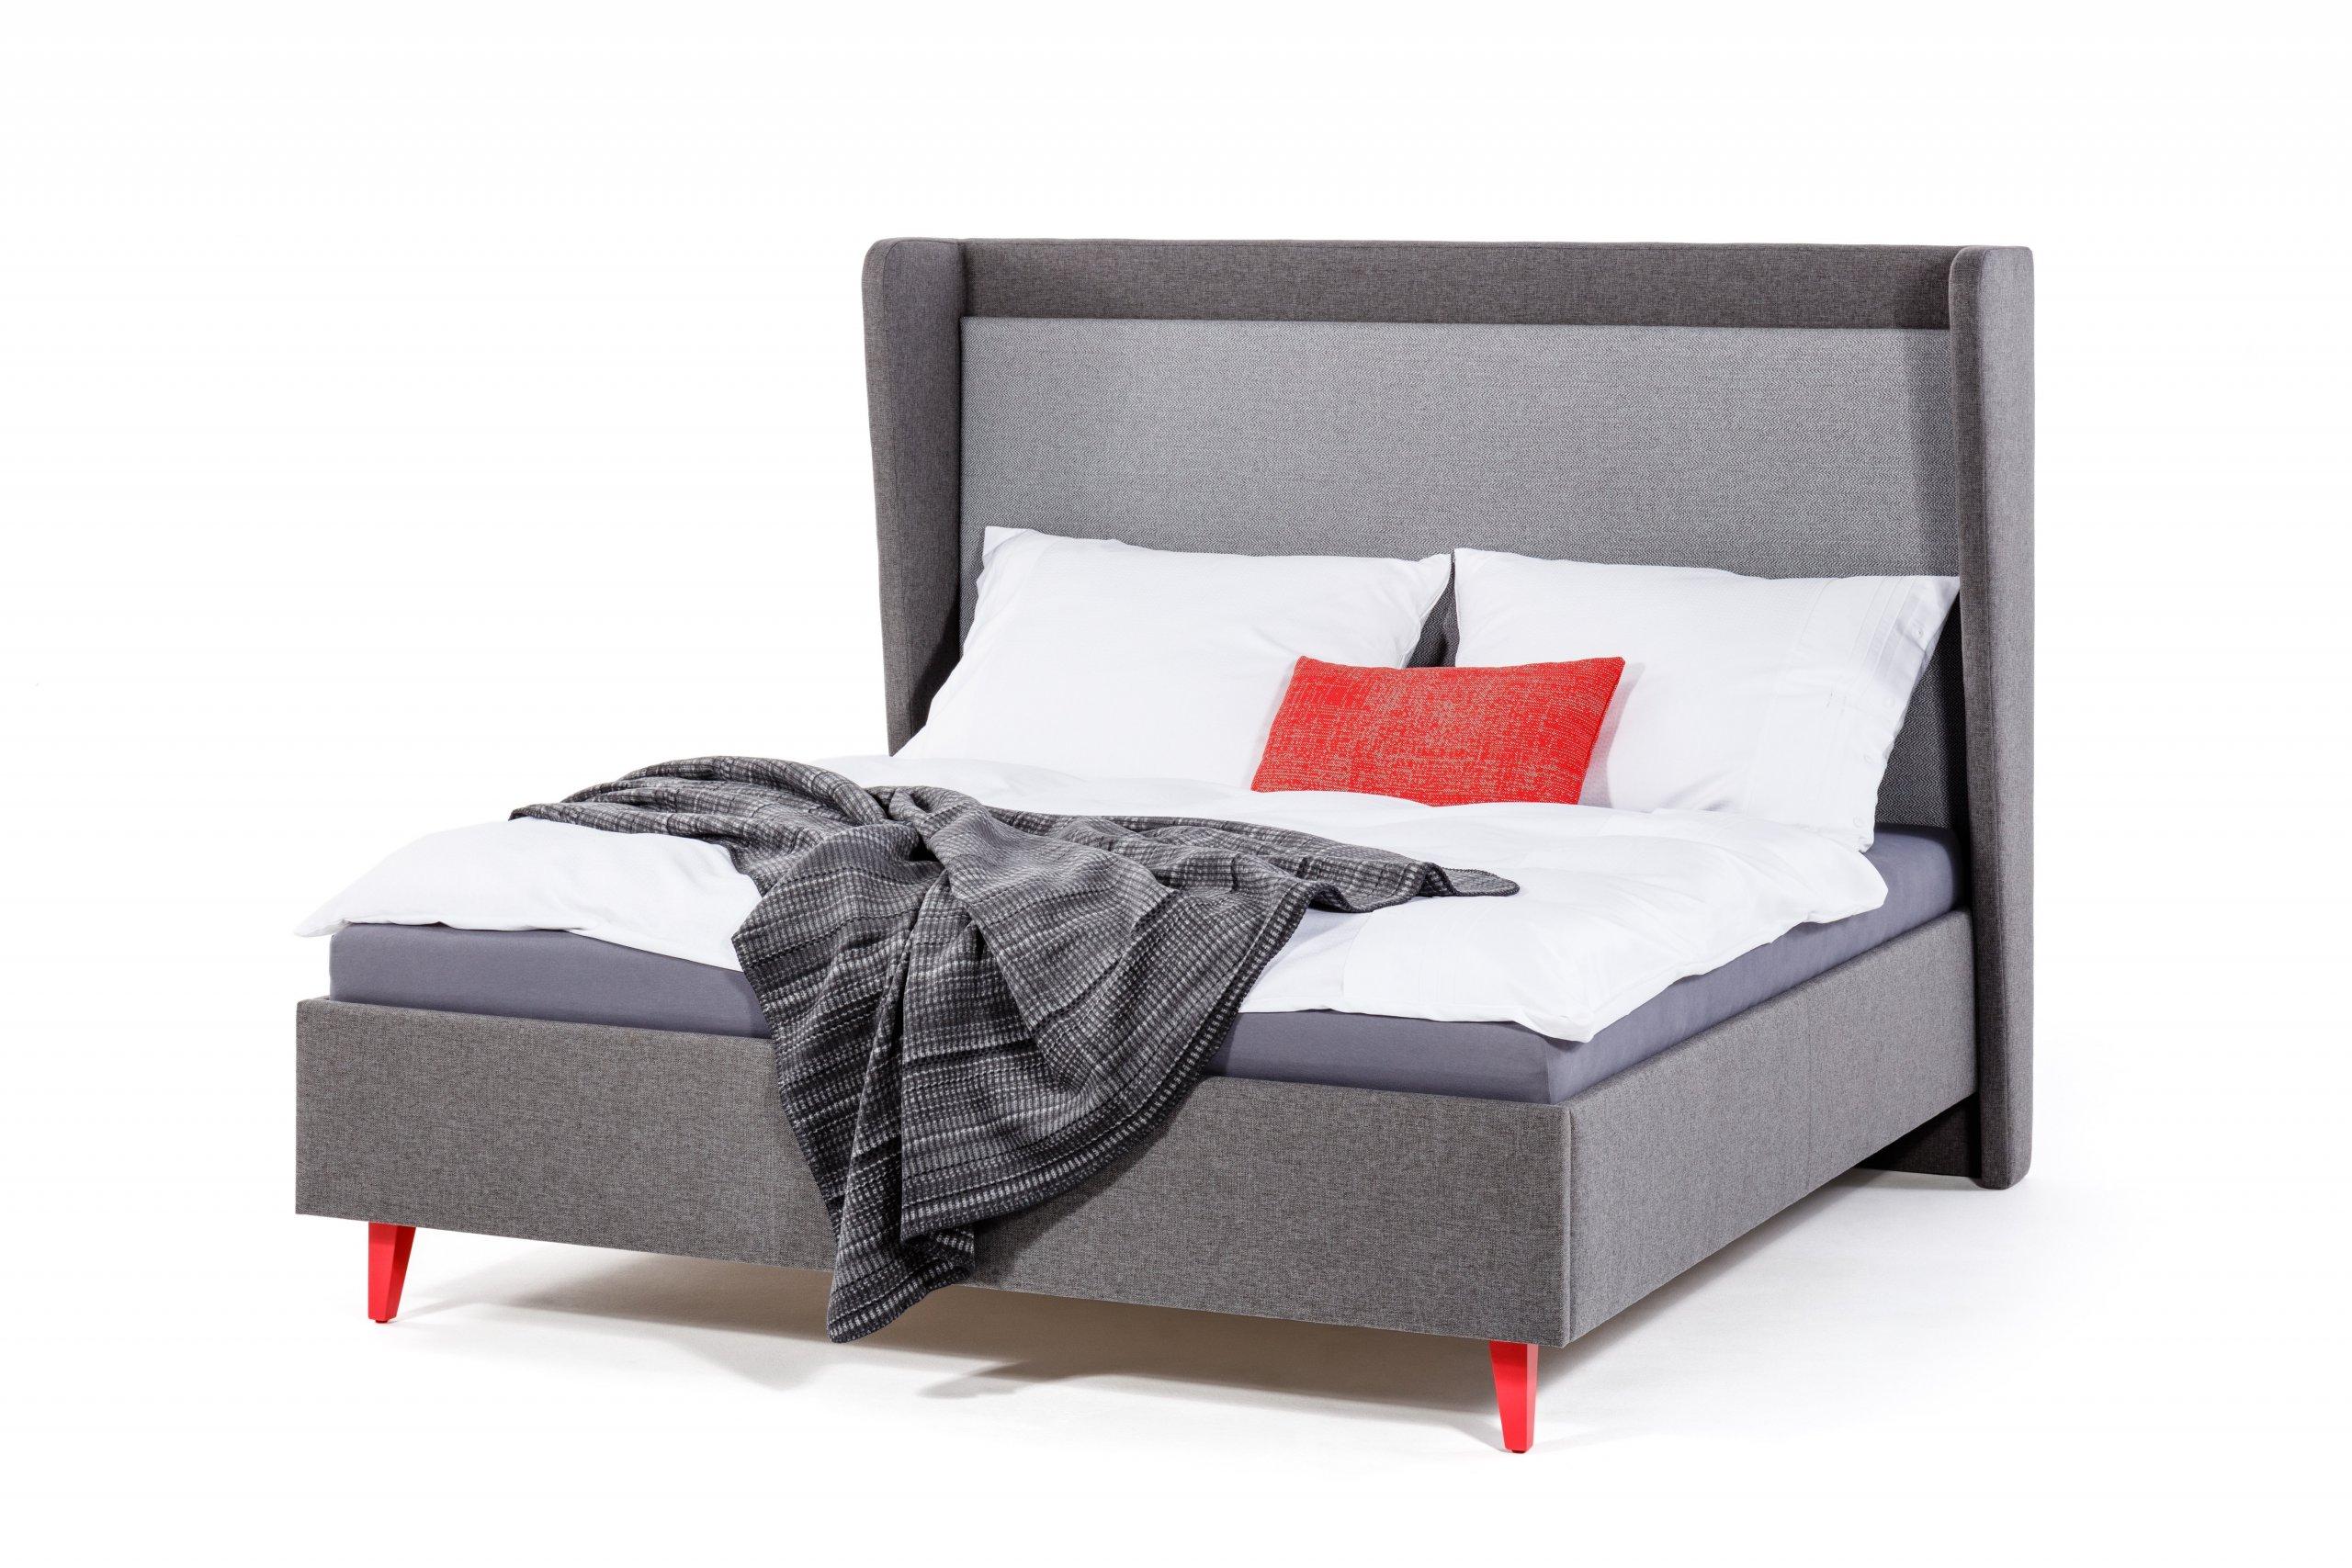 Zadní čelo působí trojrozměrně, oproti ostatním postelím má i boky, které jsou zkosené a obepínají rám postele. Do čela postele je vsunuta očalouněná deska v…